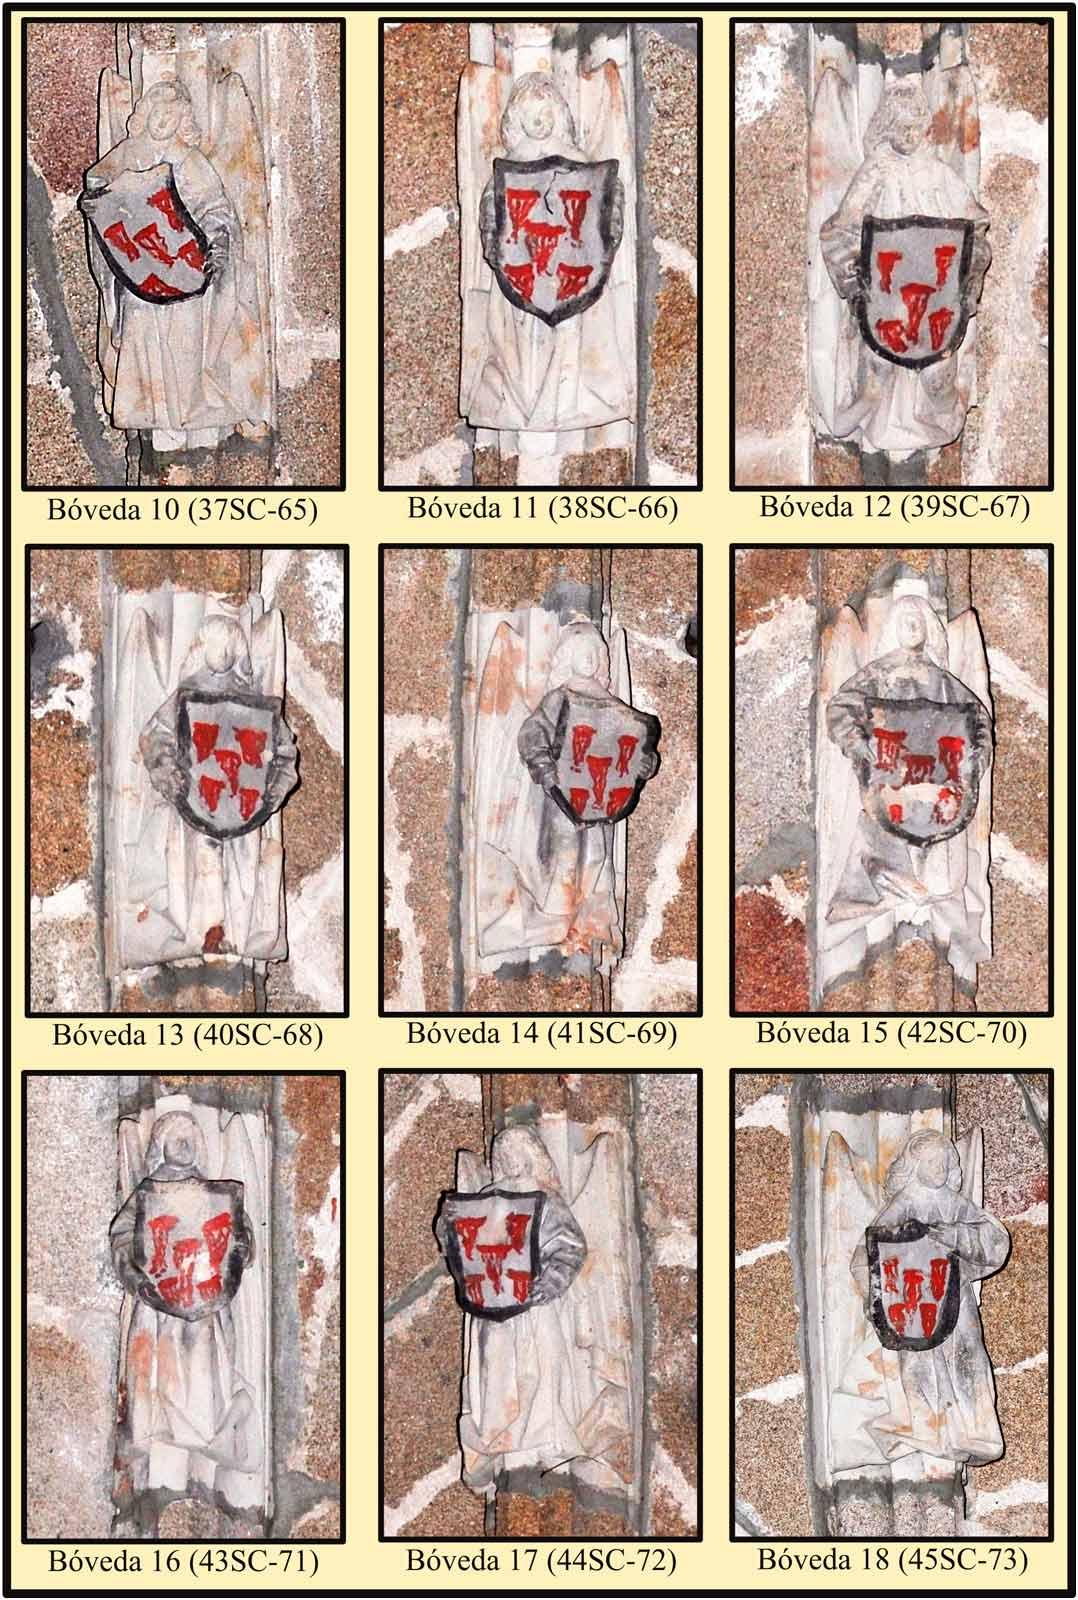 Boveda de cruceria con escudos de franciscanos sostenido por angeles